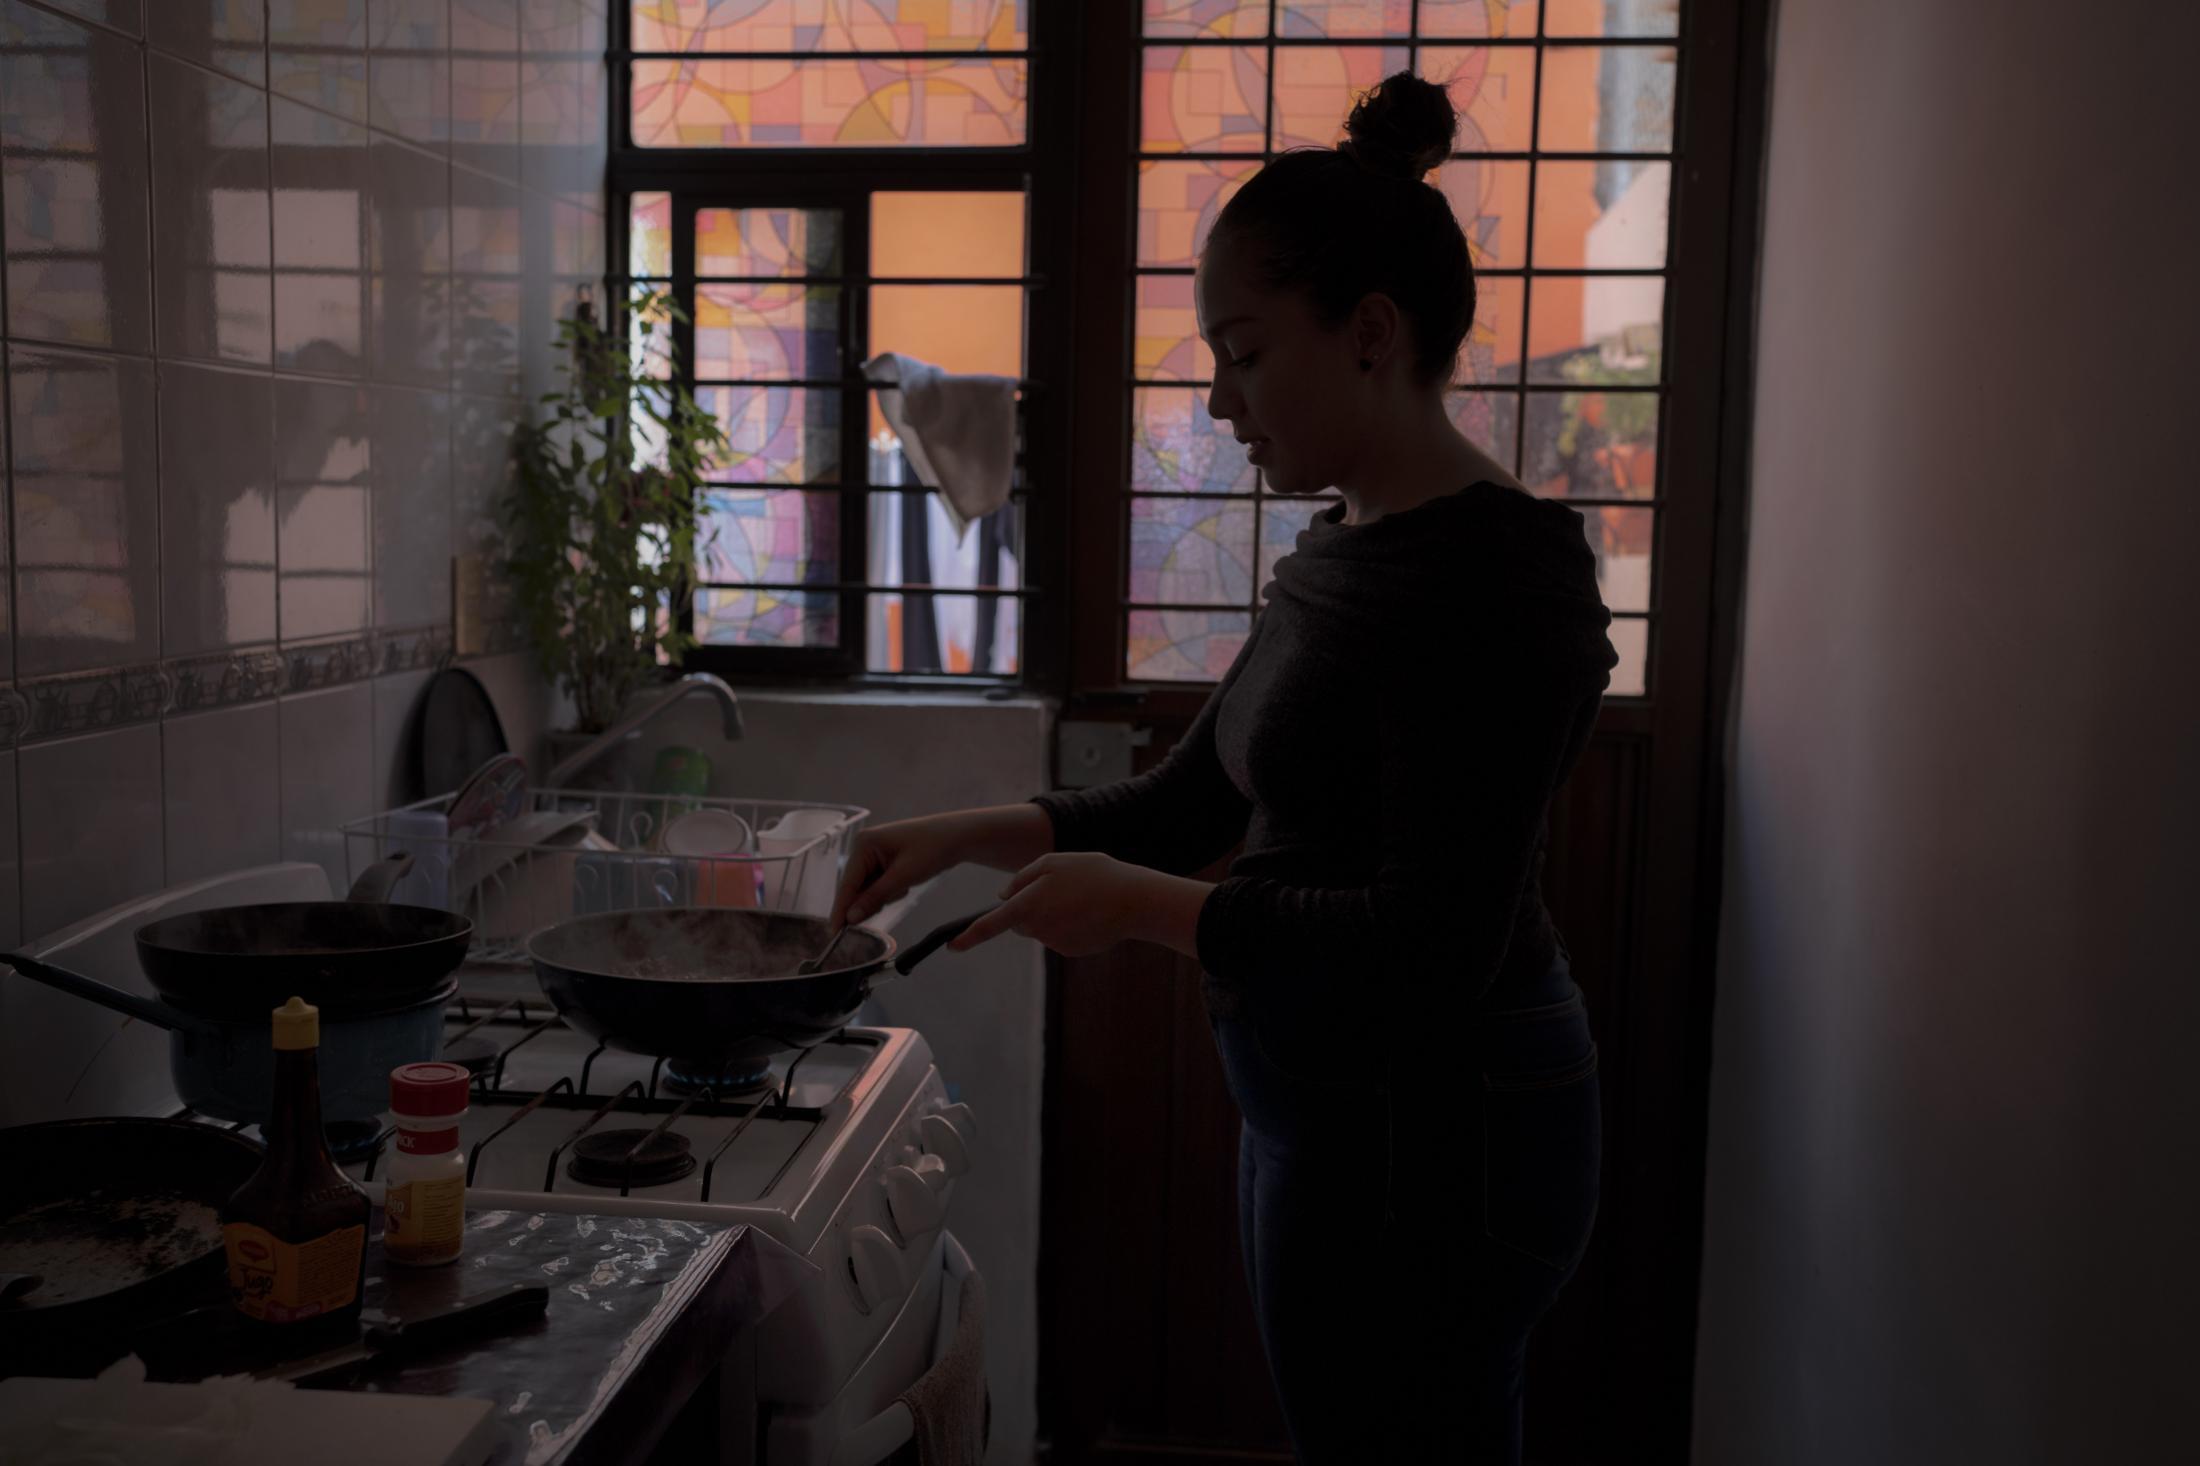 Durante la pandemia Mónica Quijano ha tenido que emplear diversas funciones dentro de su vivienda, compaginar su trabajo temporal en la venta en línea, con su labor de madre, la educación de sus hijas y los quehaceres domésticos. En San Luis Potosí, México. El 3 de Diciembre del 2020.